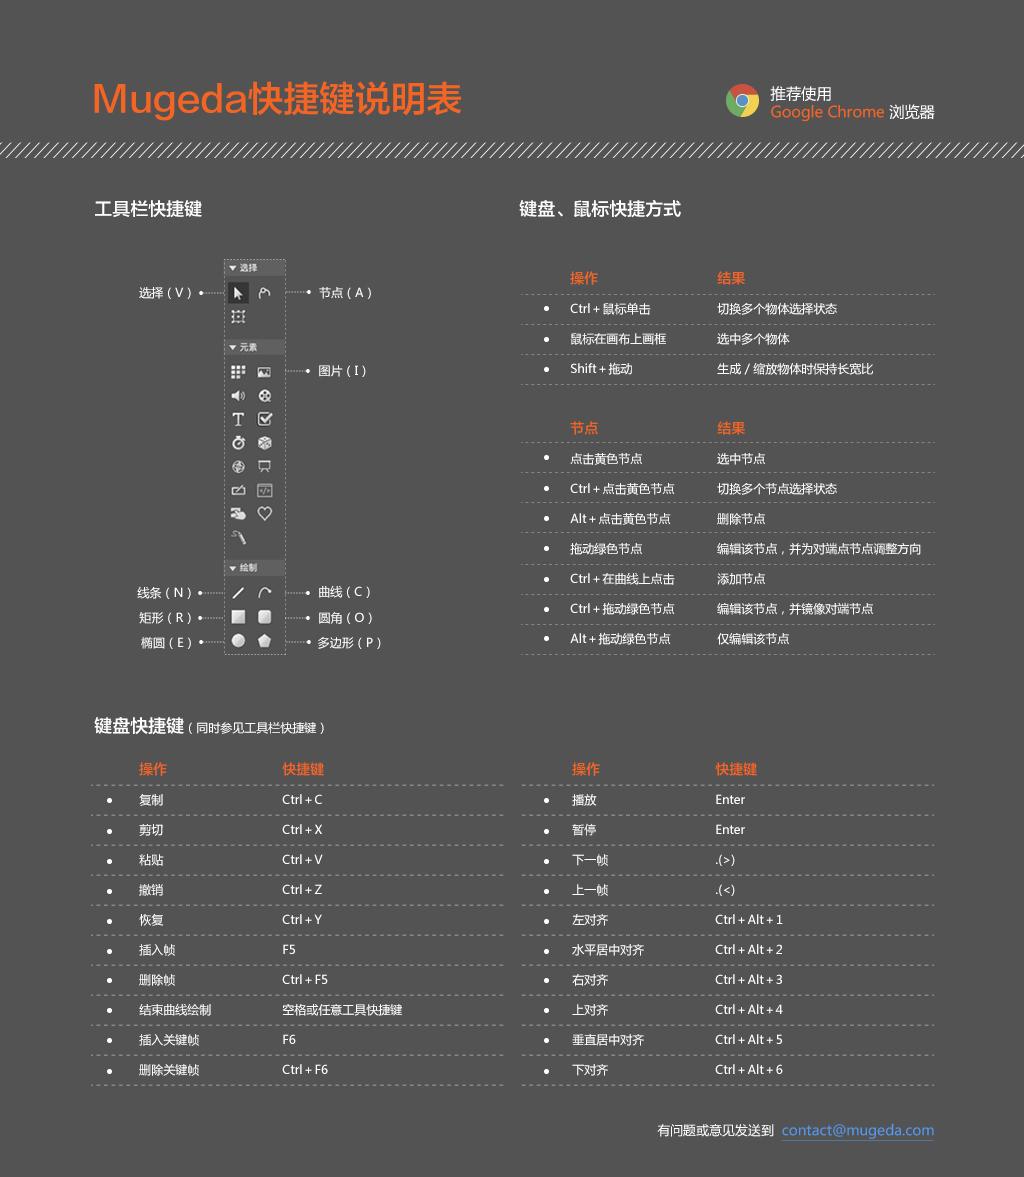 Mugeda快捷键说明表.jpg